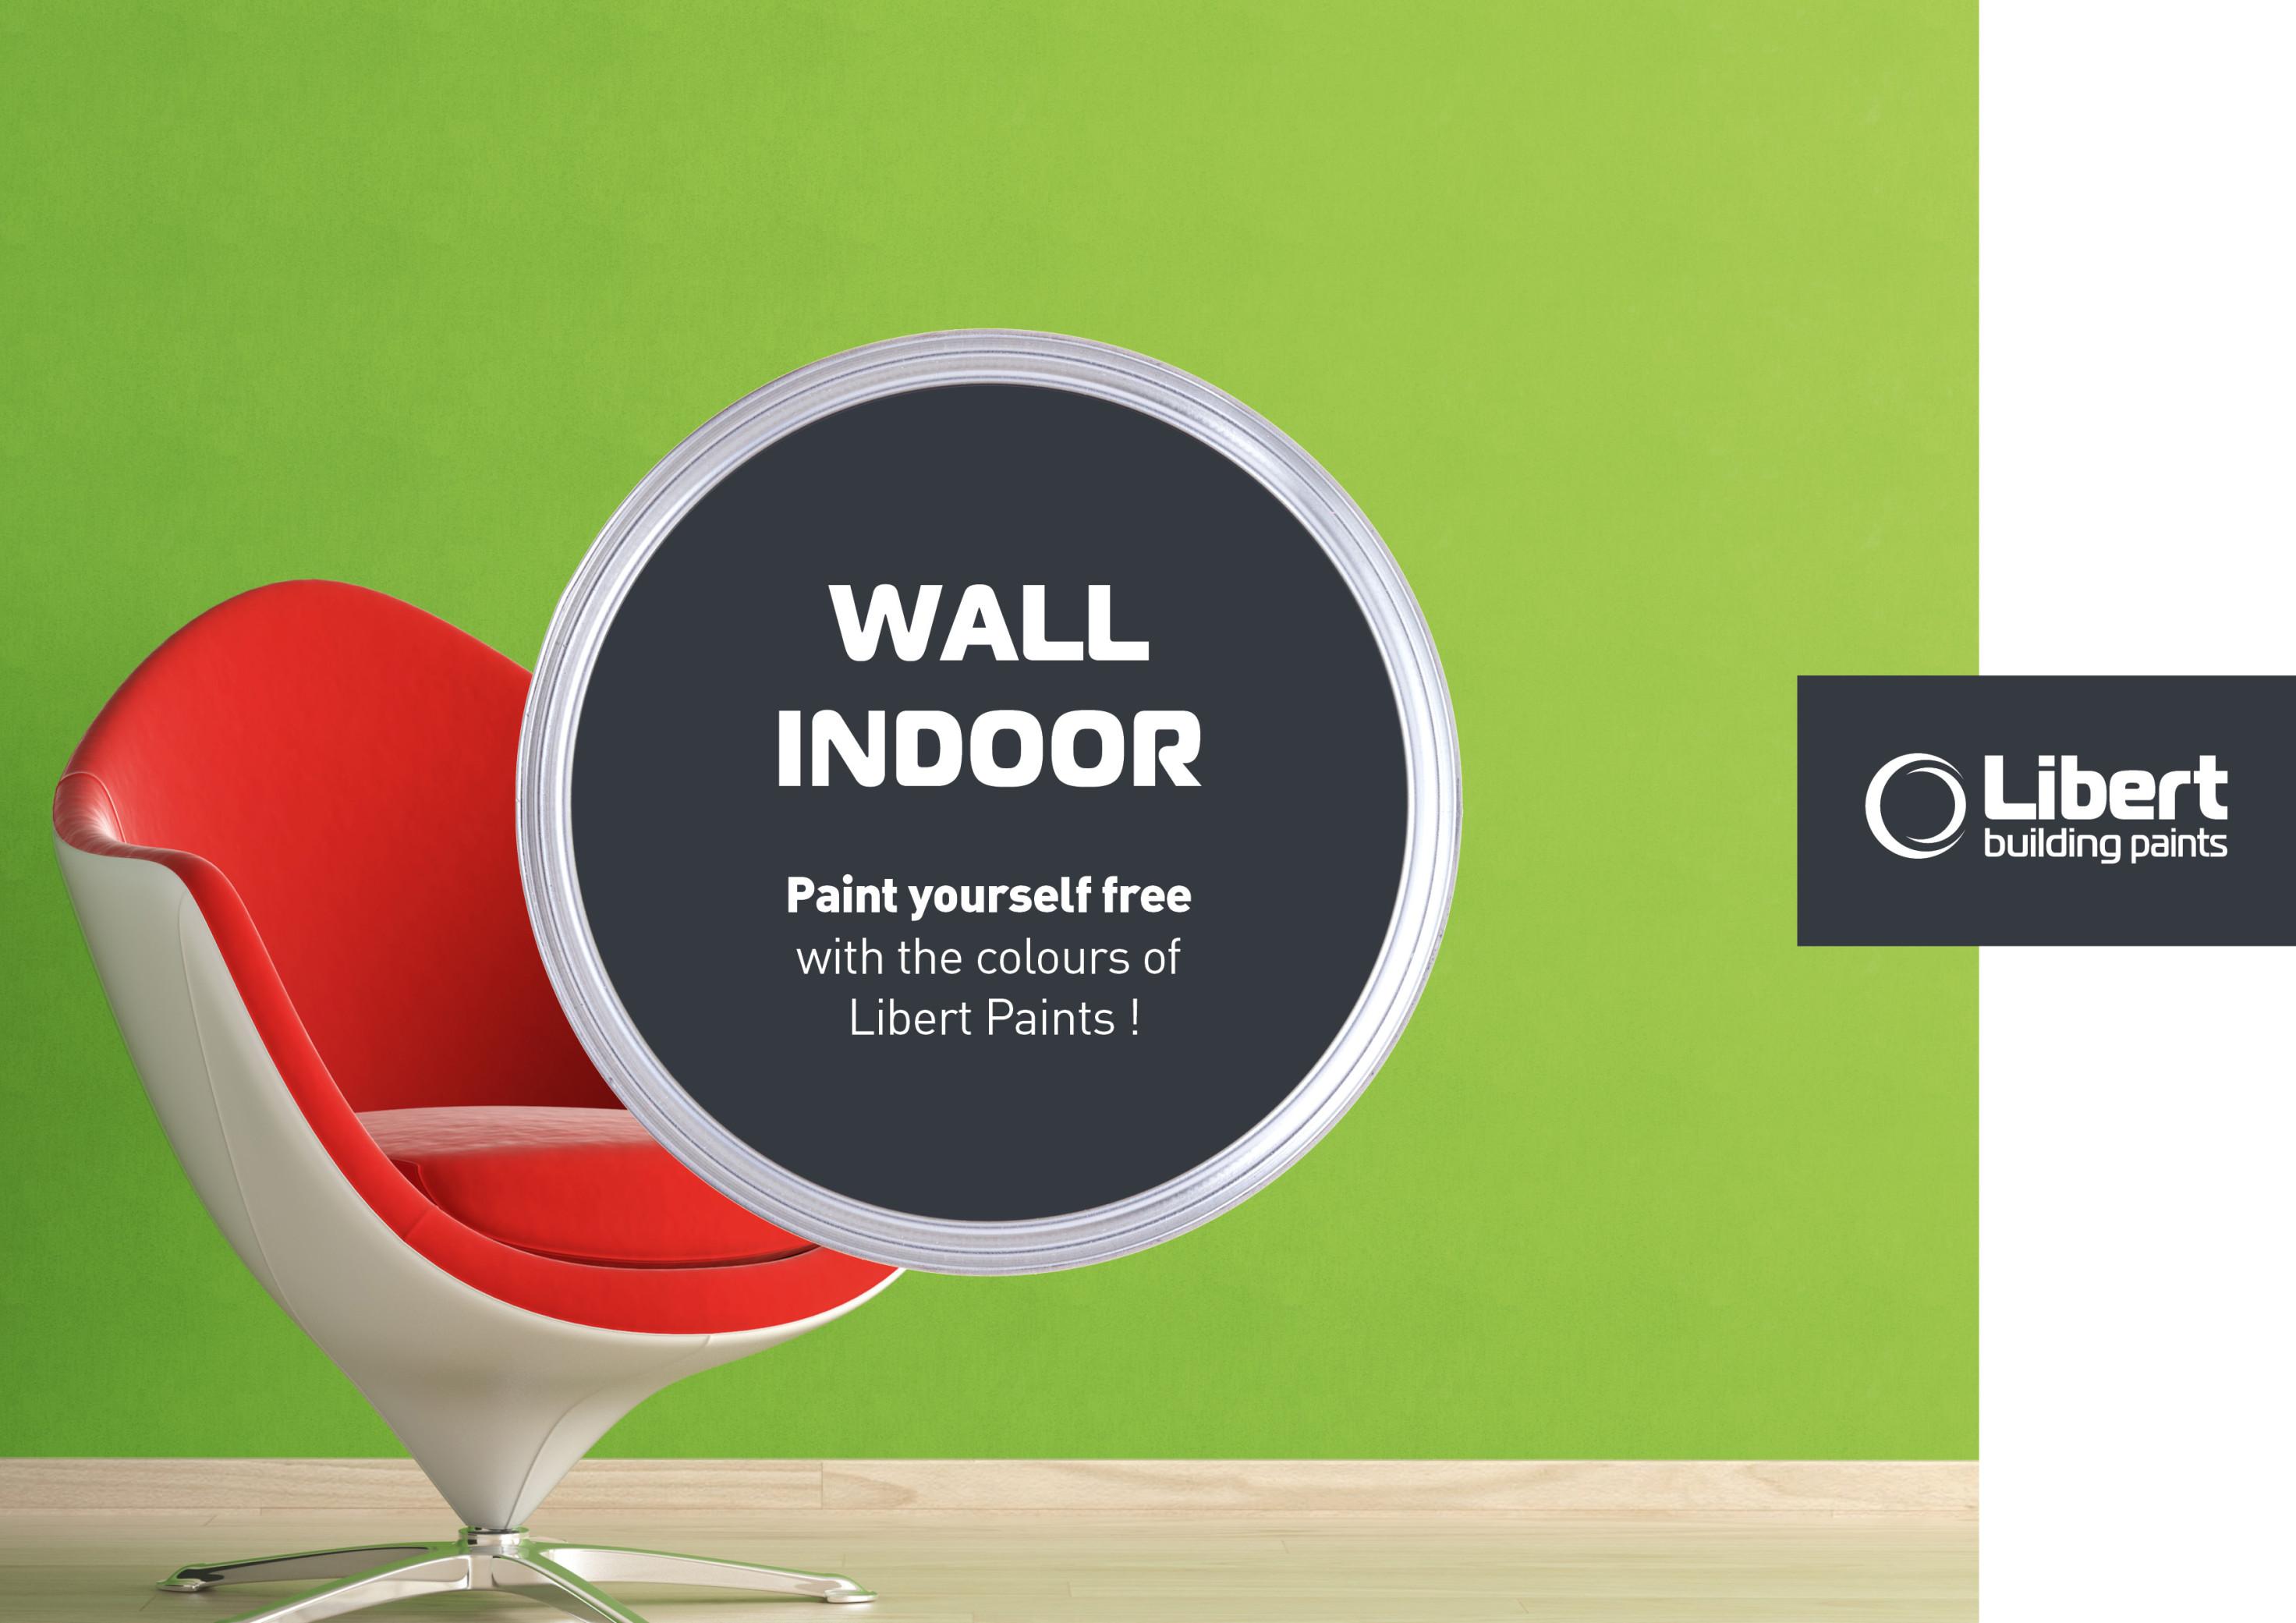 Wall Indoor